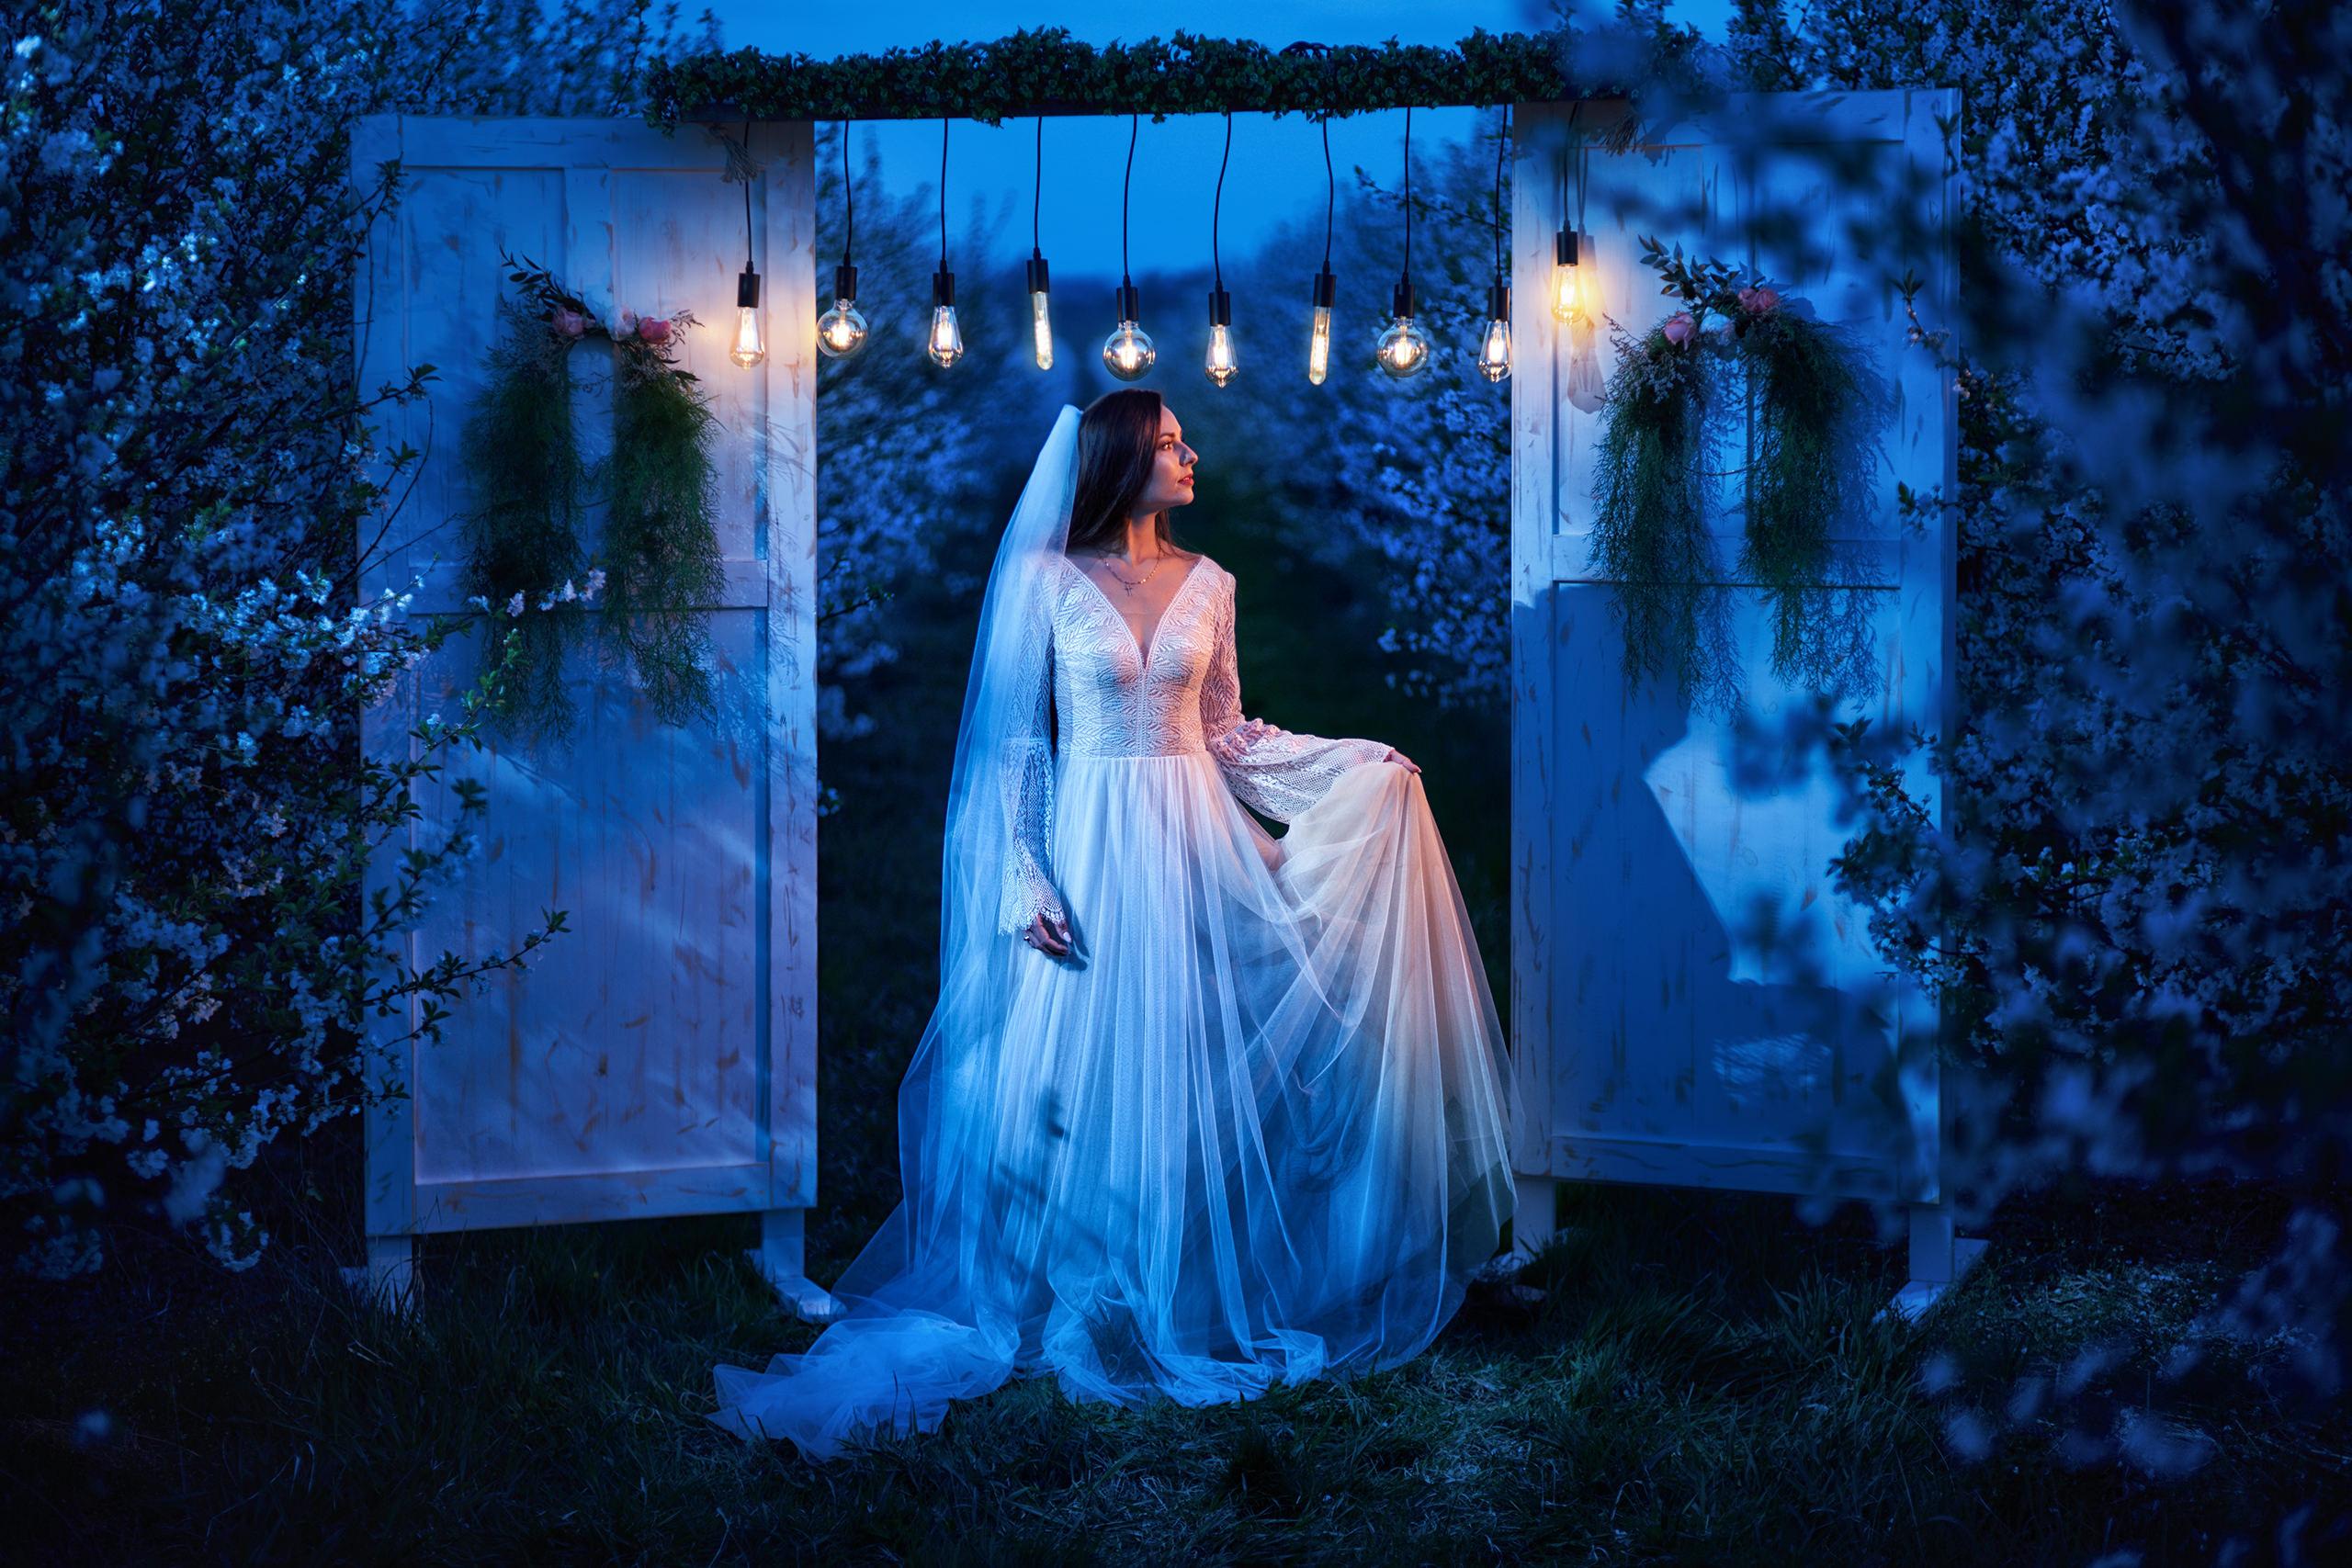 pani młoda na wieczornej ślubnej stylizowanej sesji w sadzie